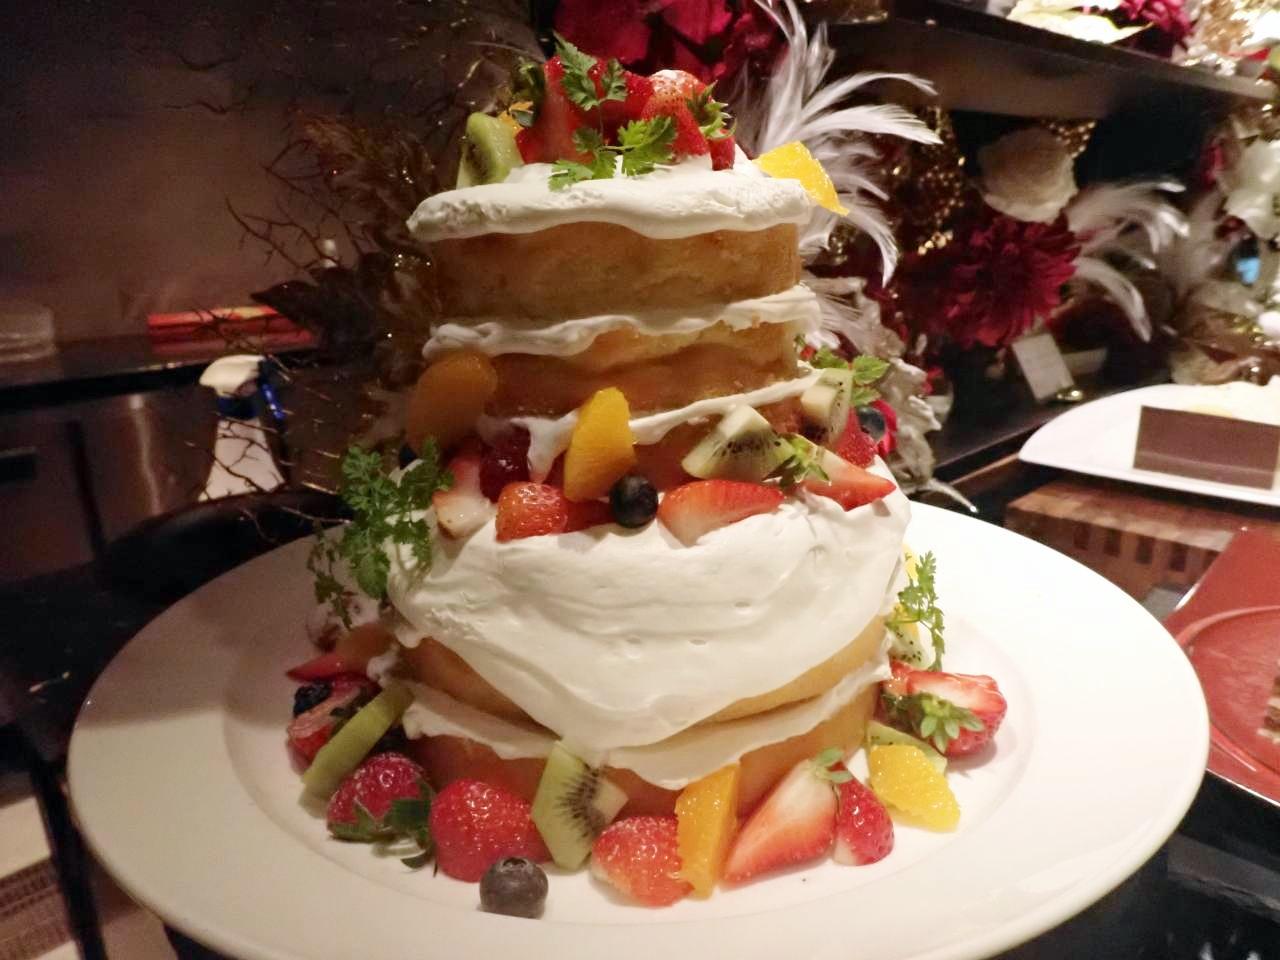 エデンの神殿 ネイキッドスタイルのバウンドケーキ